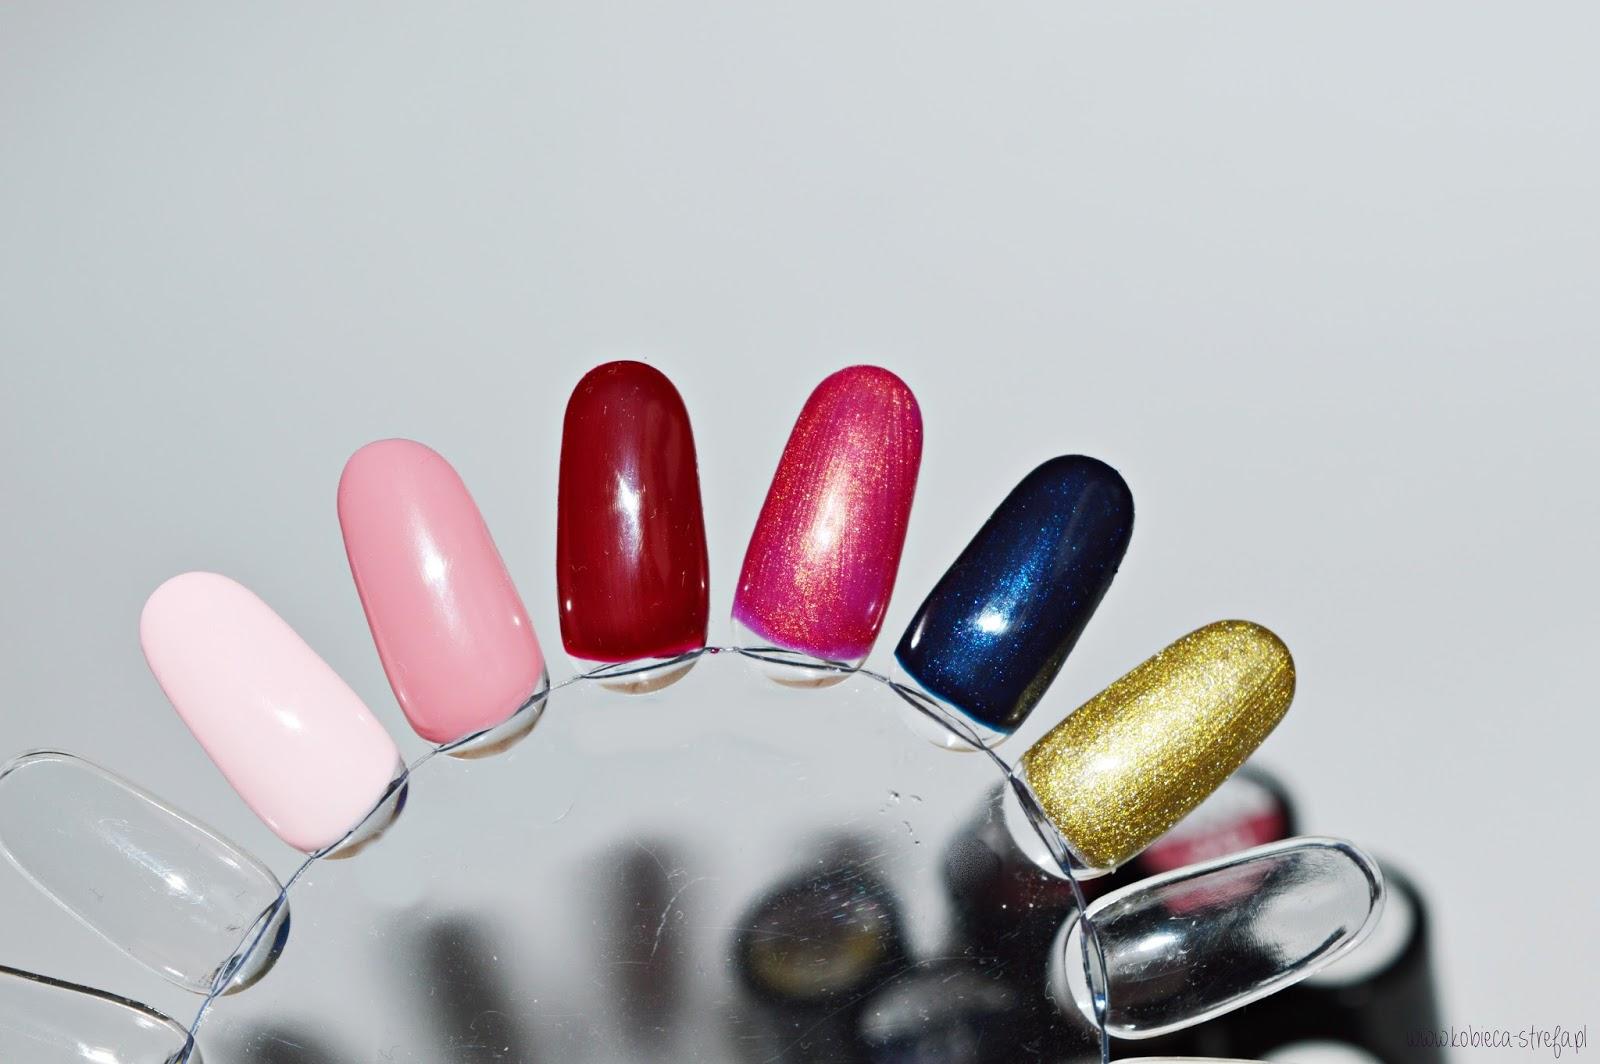 Lakiery Hybrydowe Hyco Kobieca Strefapl Blog Kosmetyczny Blog